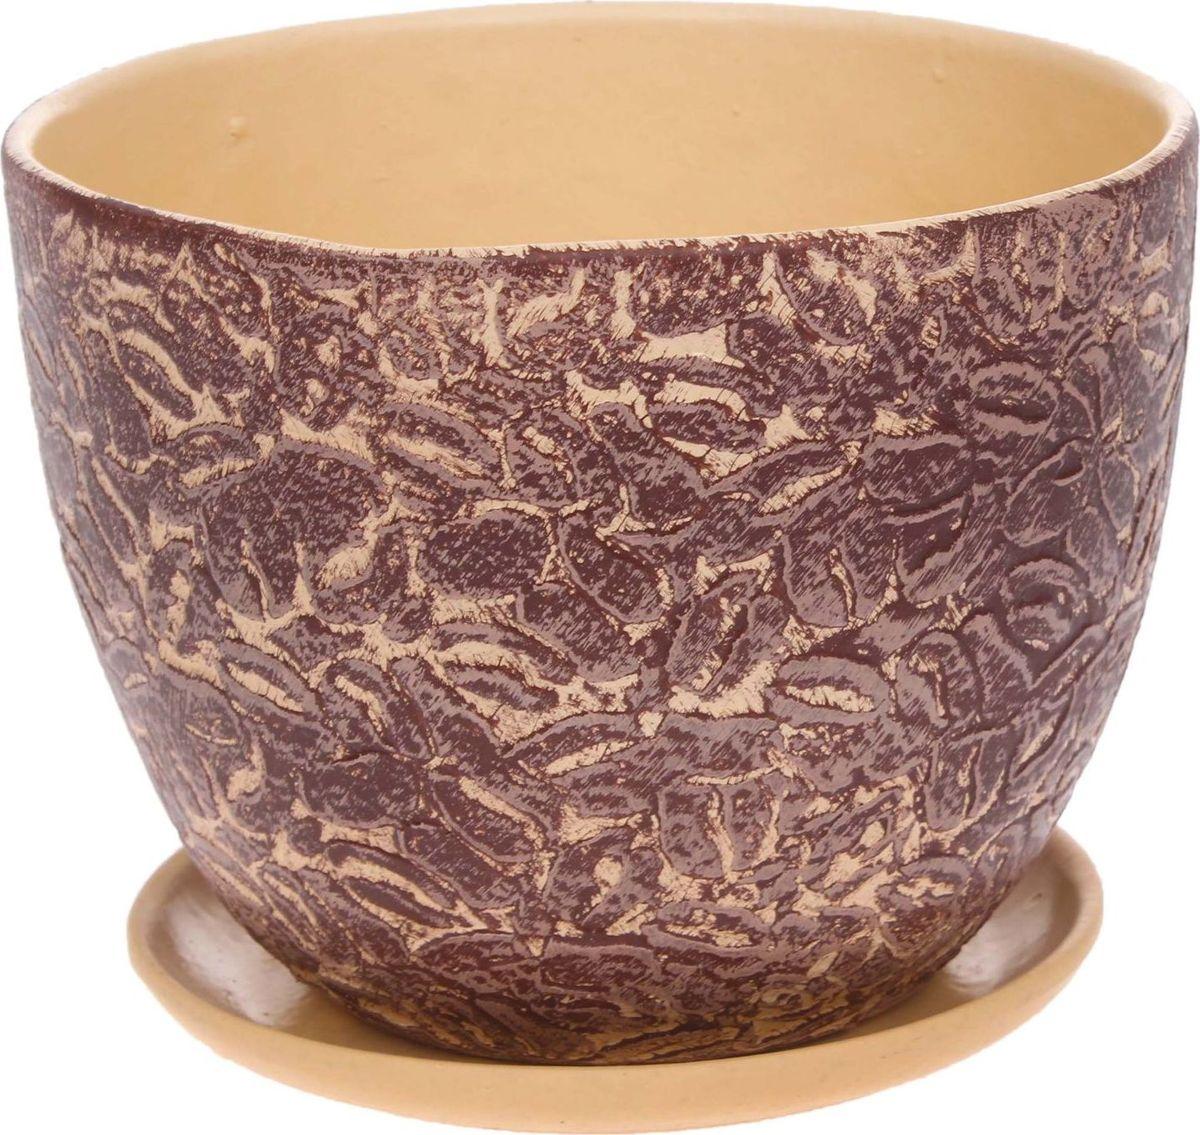 Кашпо Арабика, 2 л1186575Комнатные растения — всеобщие любимцы. Они радуют глаз, насыщают помещение кислородом и украшают пространство. Каждому из них необходим свой удобный и красивый дом. Кашпо из керамики прекрасно подходят для высадки растений: за счет пластичности глины и разных способов обработки существует великое множество форм и дизайнов пористый материал позволяет испаряться лишней влаге воздух, необходимый для дыхания корней, проникает сквозь керамические стенки! позаботится о зеленом питомце, освежит интерьер и подчеркнет его стиль.